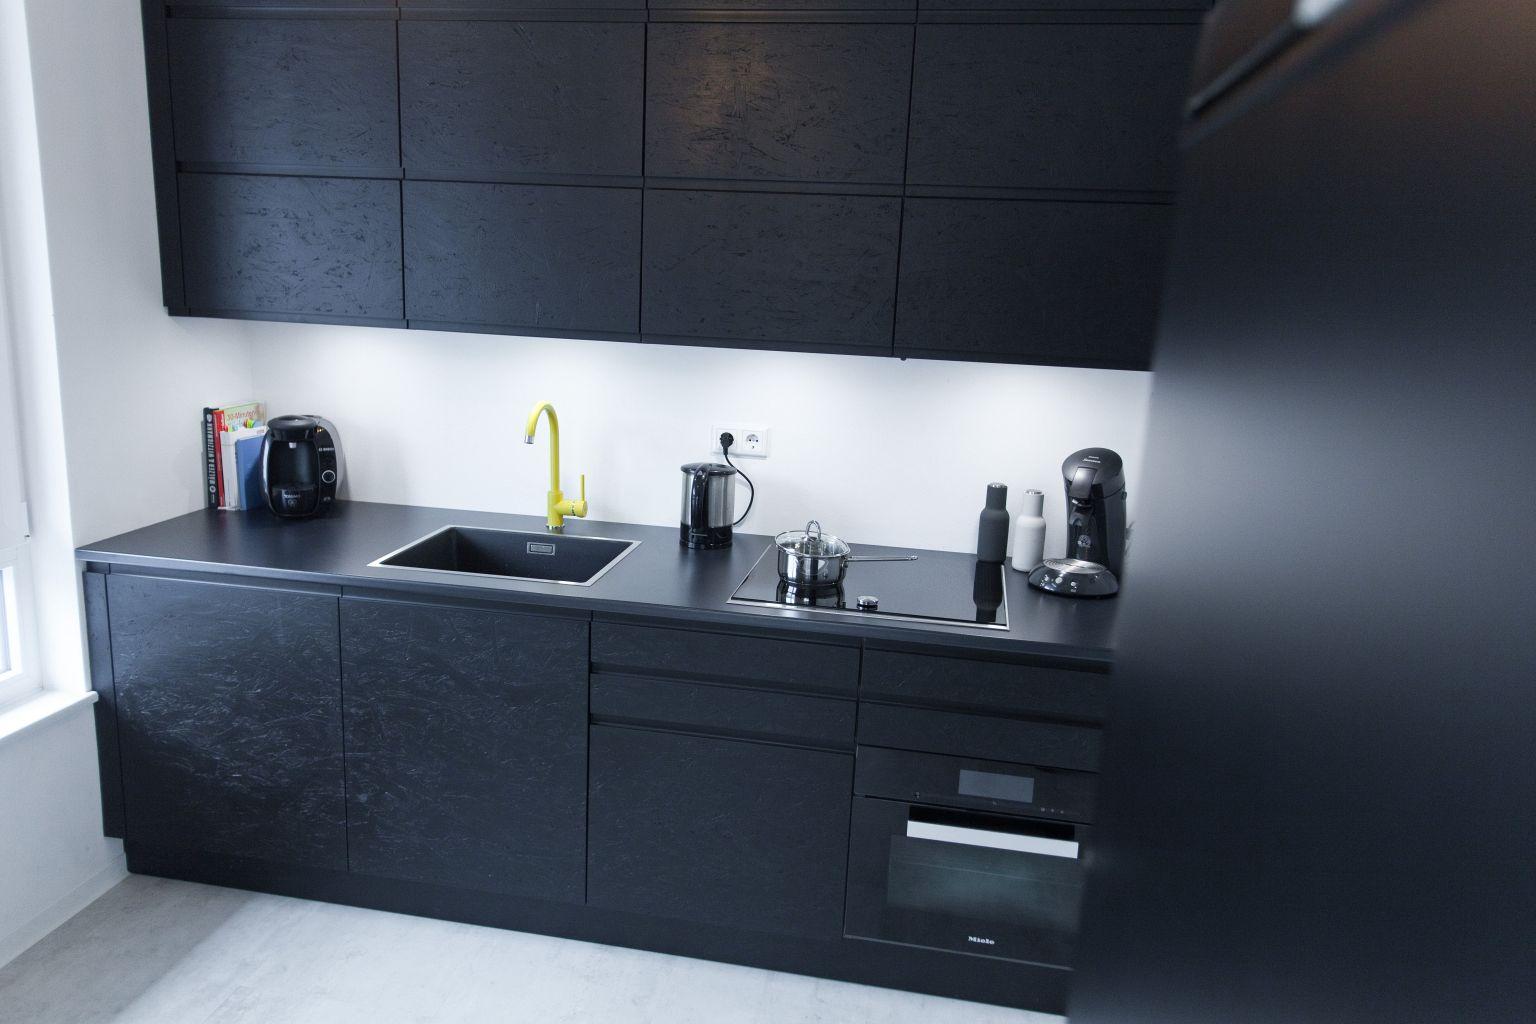 schwarz, das neue weiß – exklusive schwarz matt küche mit osb, Wohnzimmer design